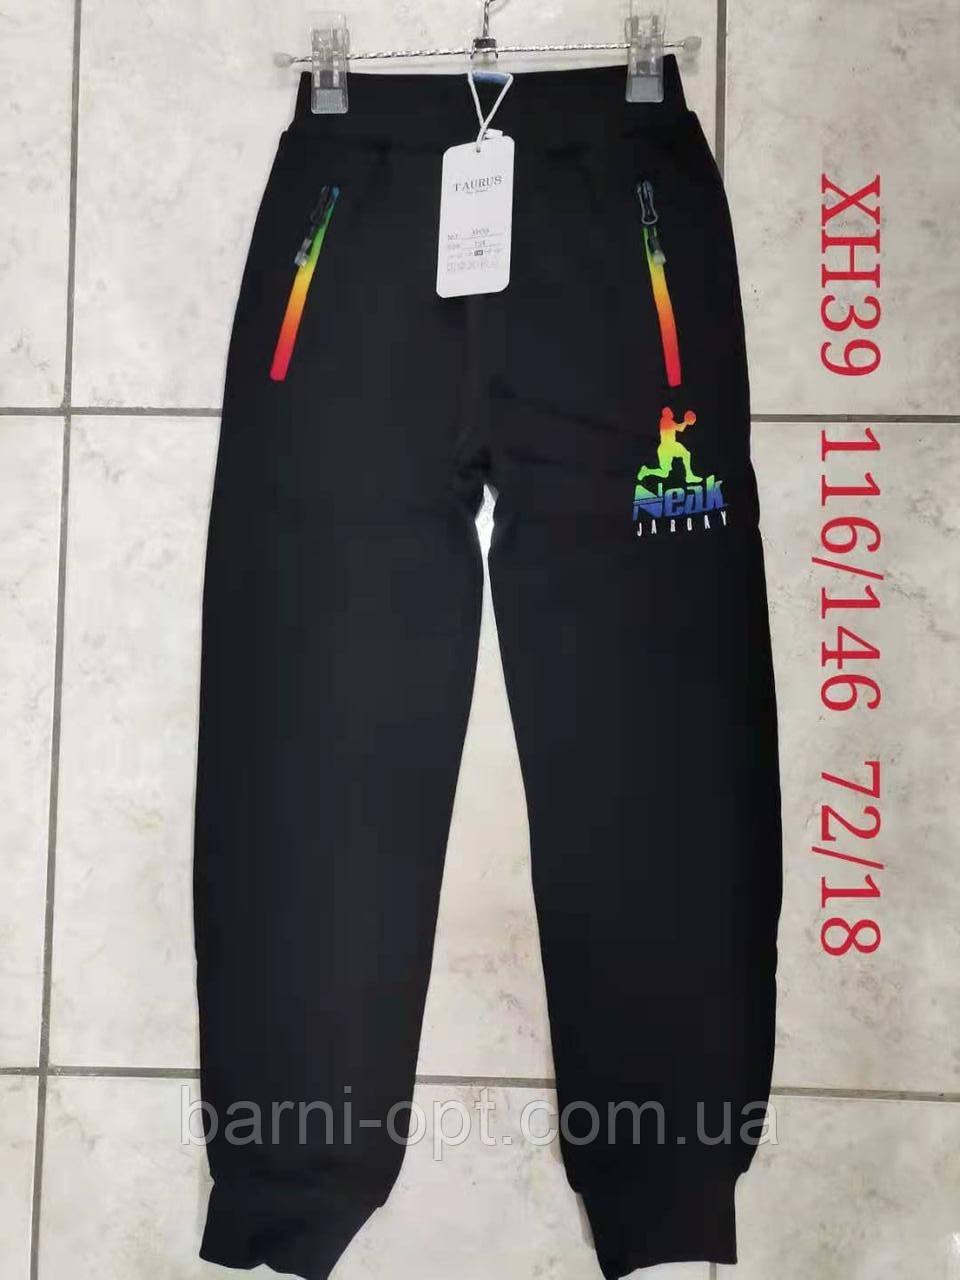 Утепленные спортивные брюки на мальчиков оптом, Taurus, 116-146 рр